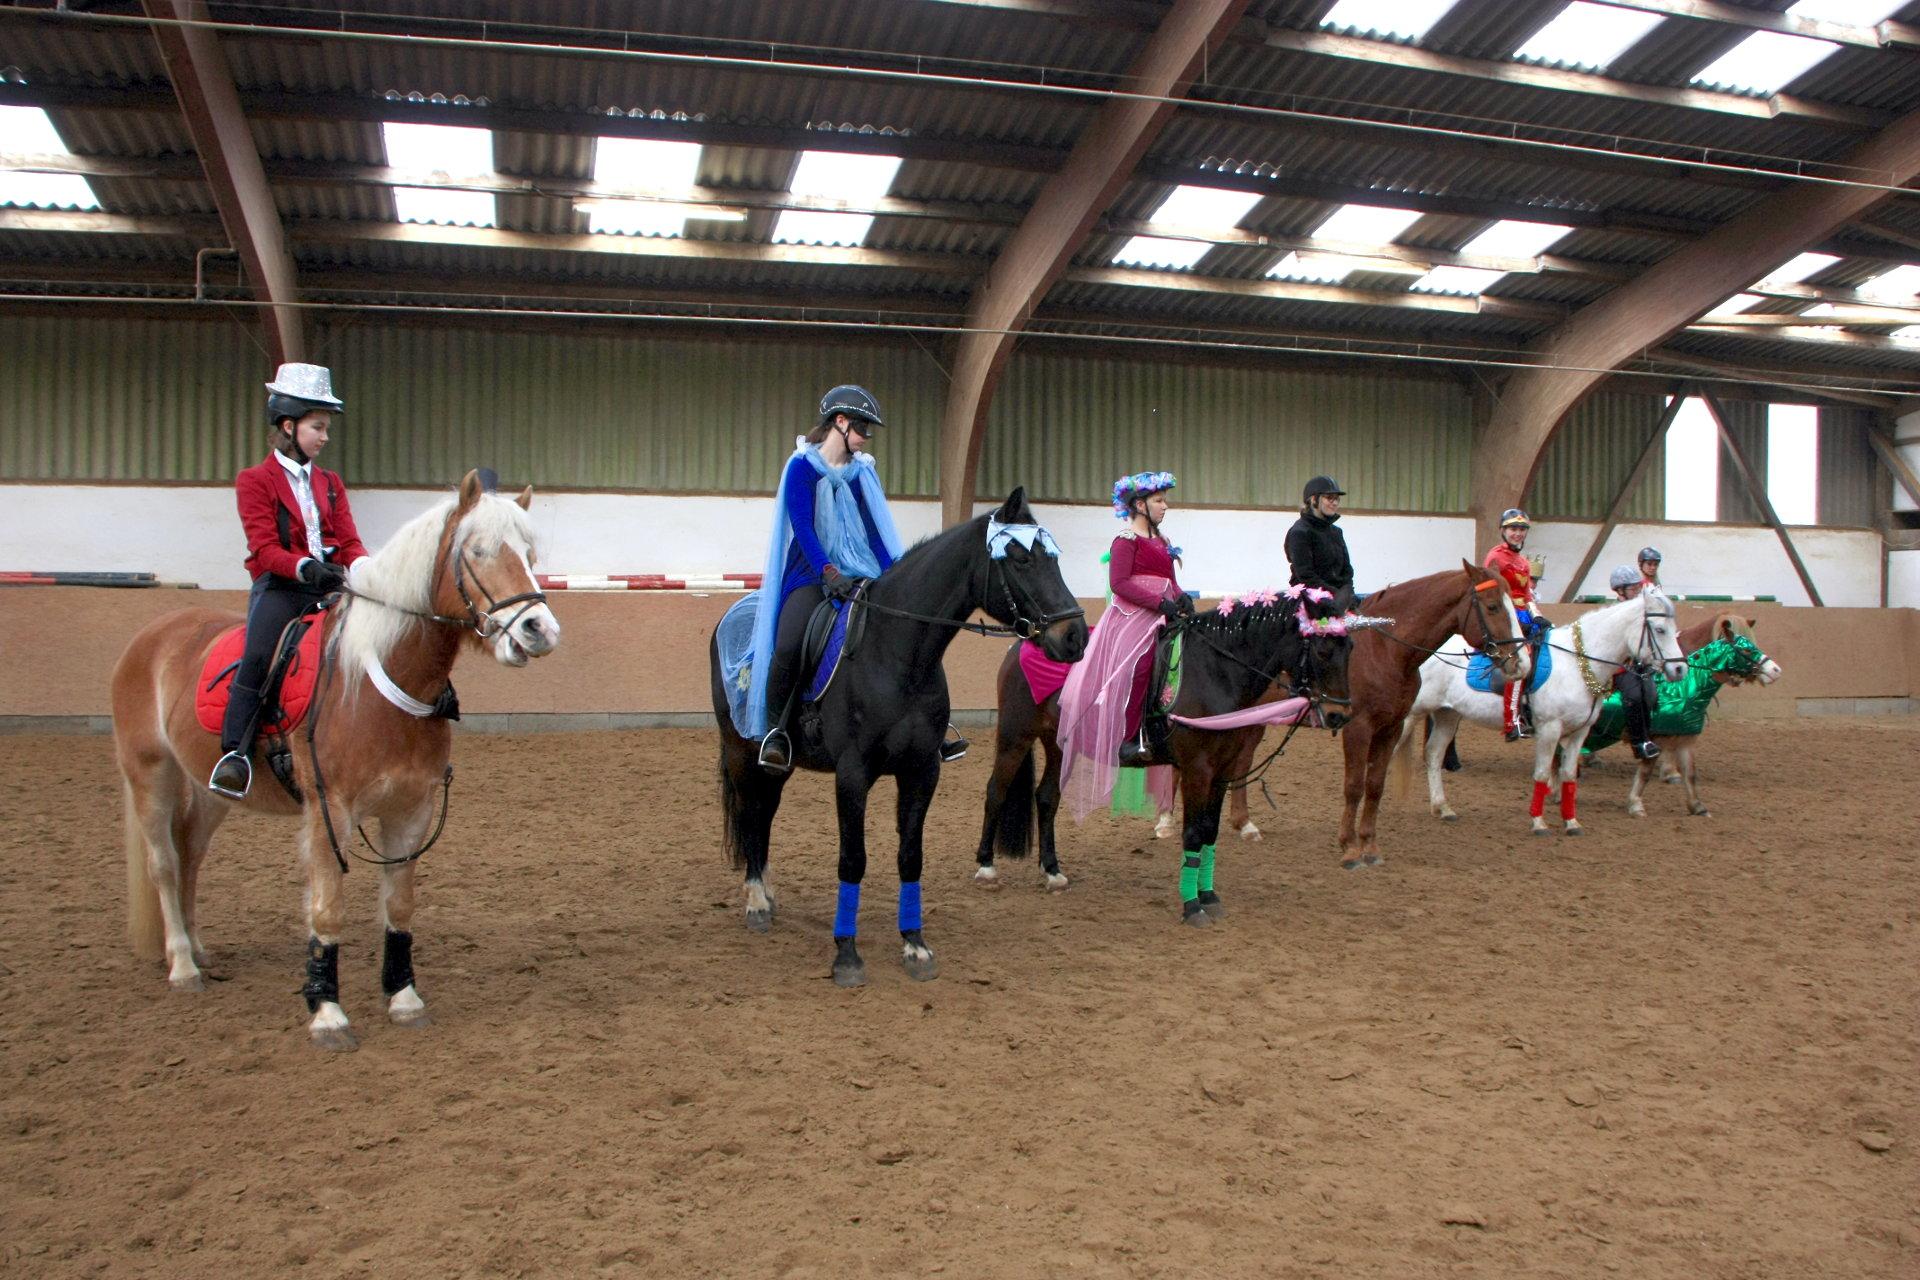 Beitragsbild - Die verkleideten Reiter und Pferde